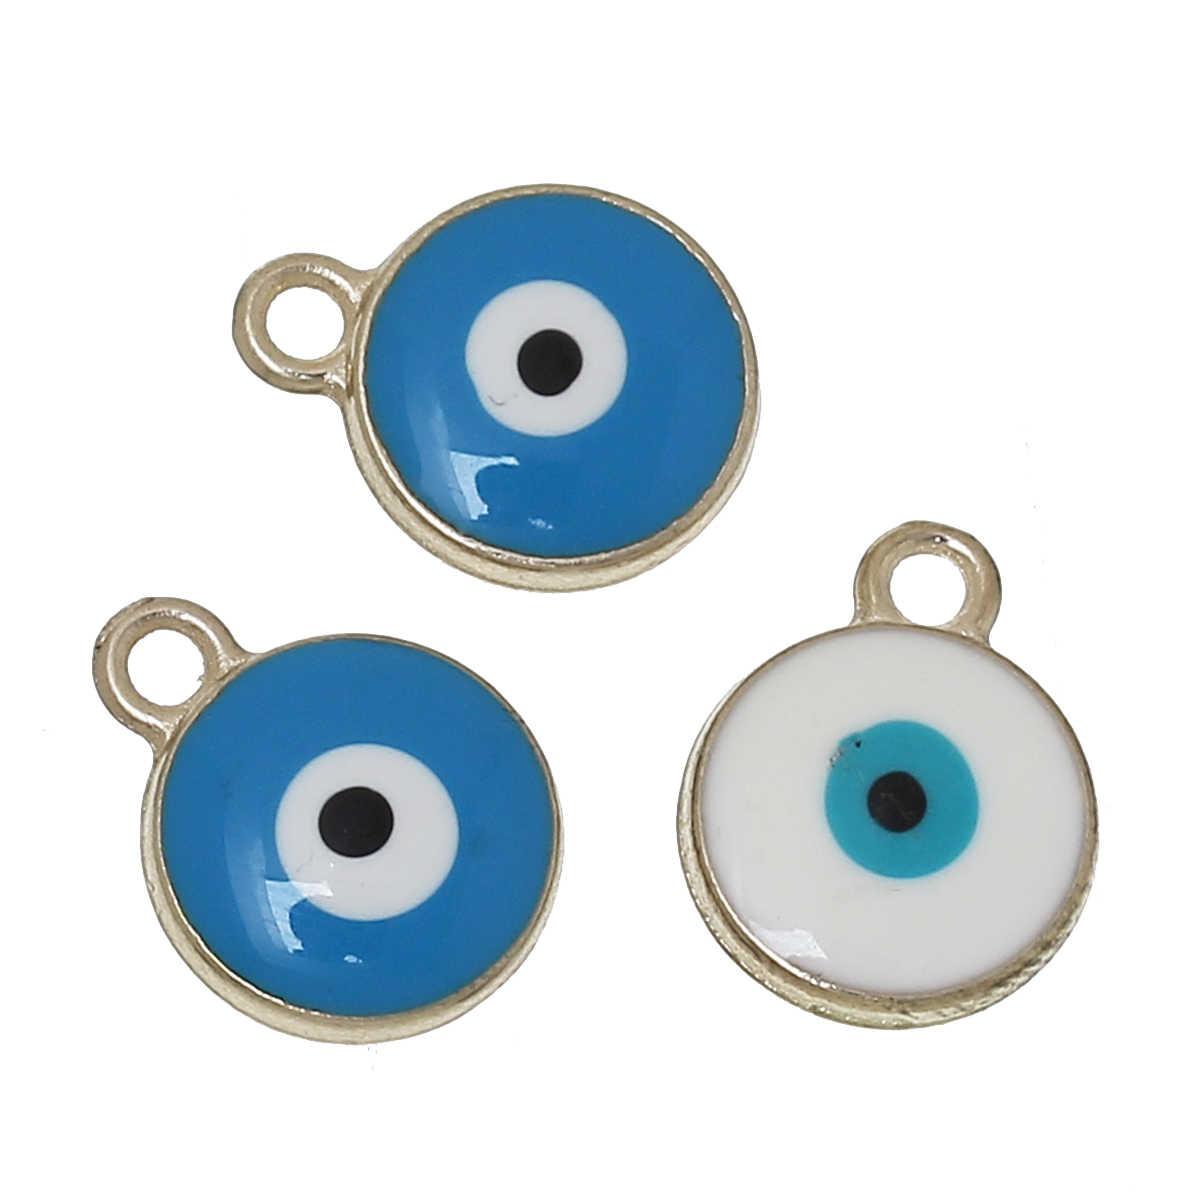 """Doreen b eads สังกะสีโลหะผสมเสน่ห์จี้รอบสีแบบสุ่มตาของความชั่วร้ายแกะสลักเคลือบ 15 มิลลิเมตร (5/8 """") x 12 มิลลิเมตร (4/8 """"), 2 ชิ้น"""